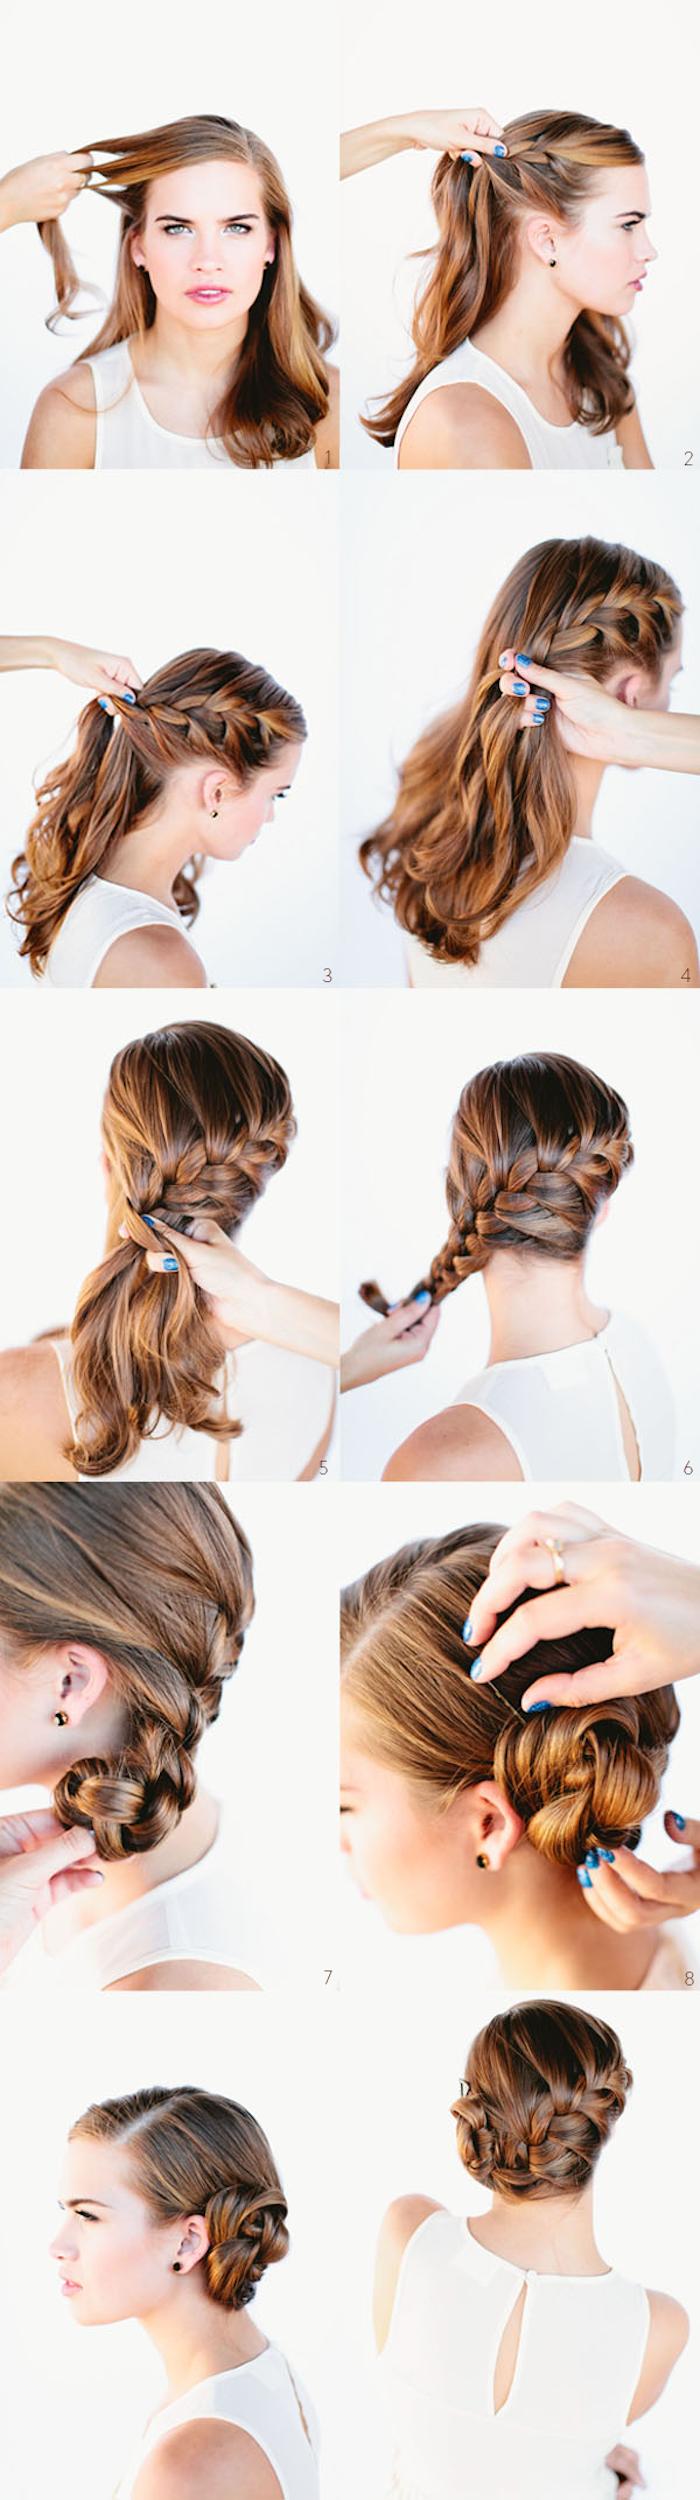 Seitlichen Dutt selber stylen, einfache Flechtfrisur zum Nachstylen, Brautfrisur für lange Haare